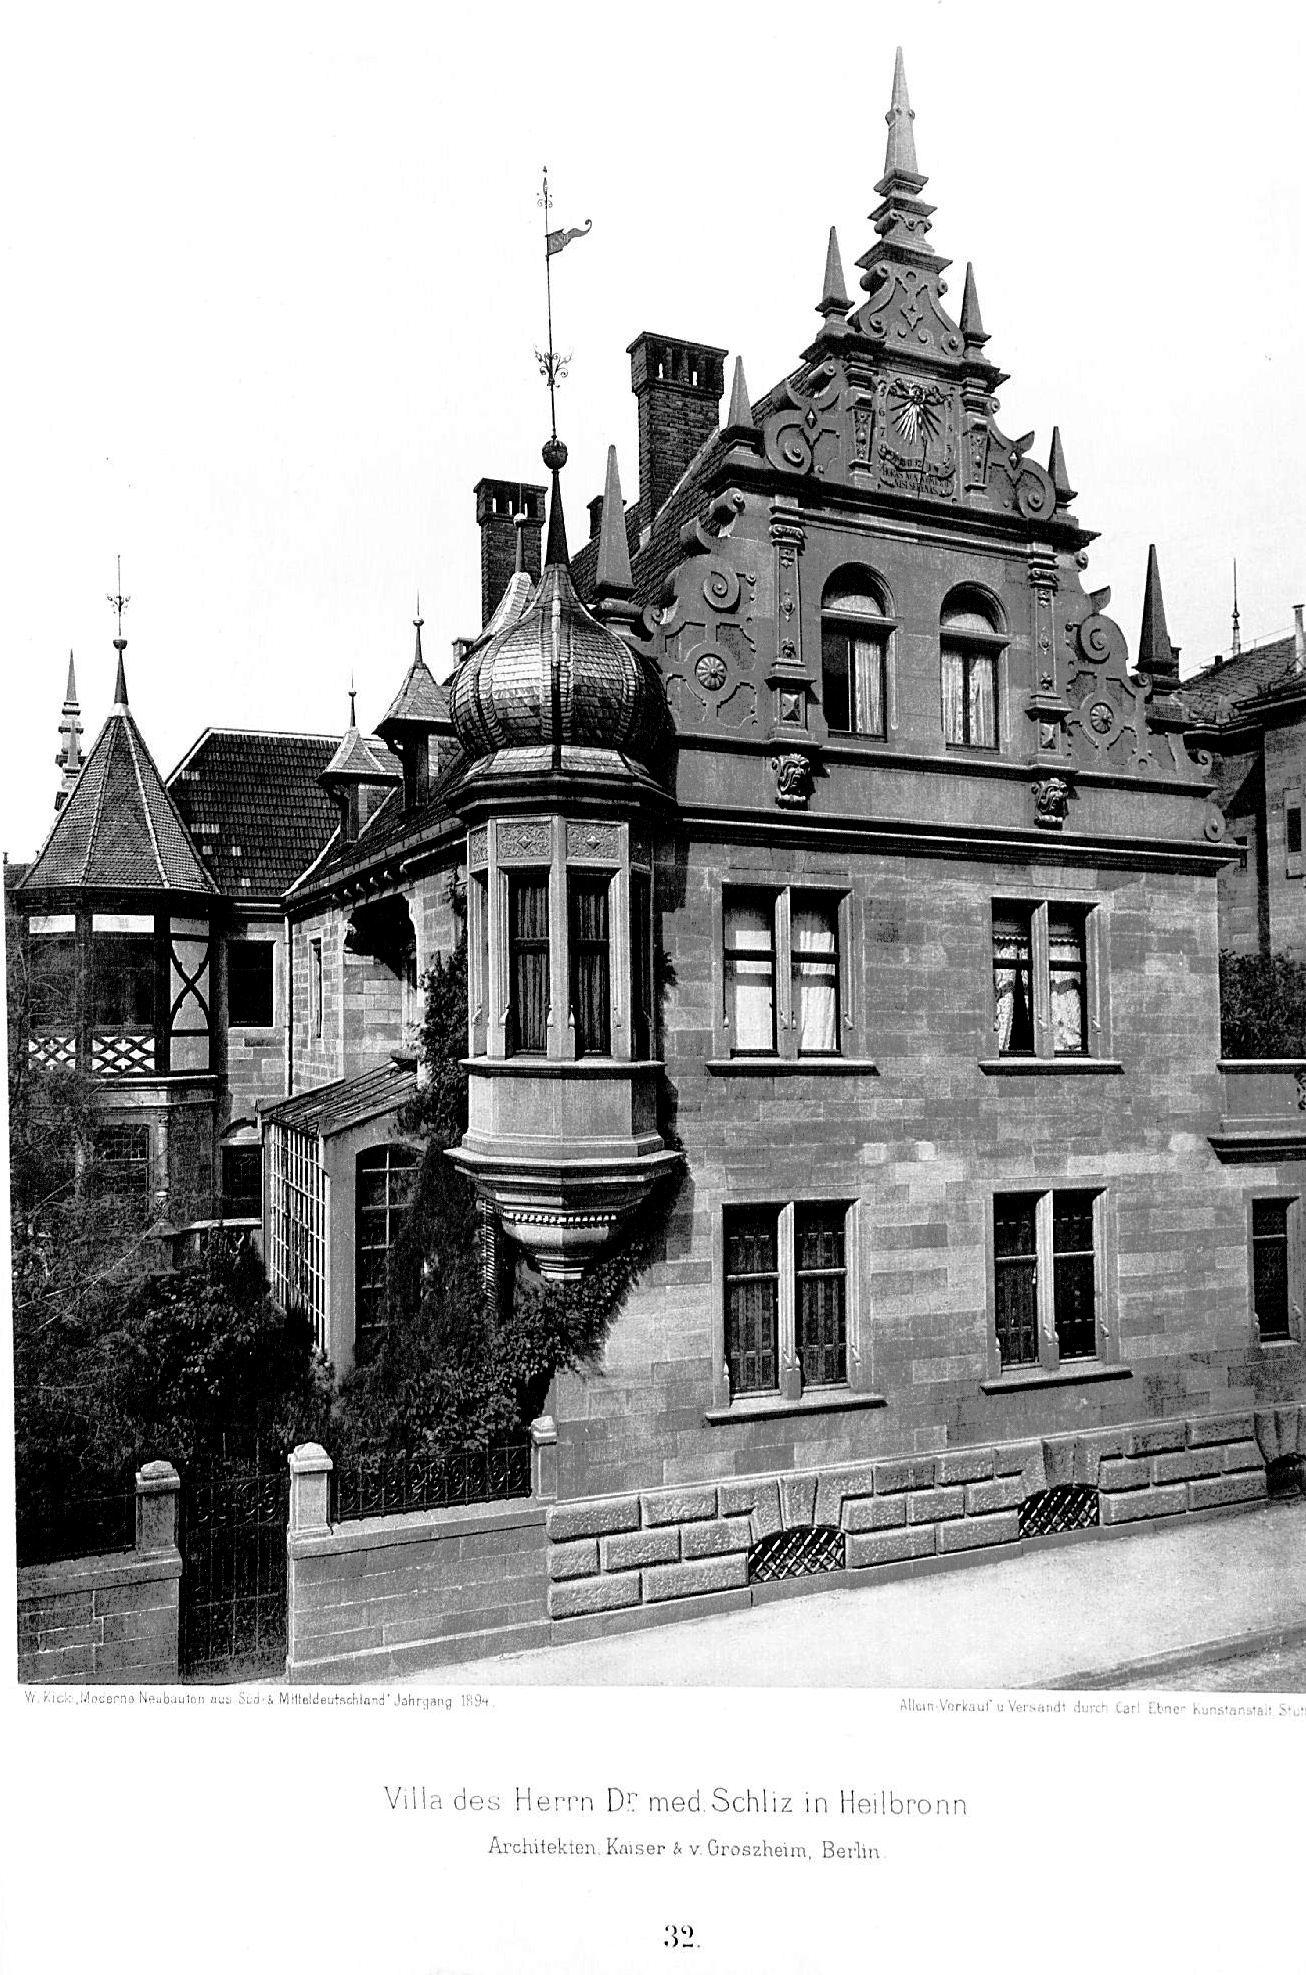 Architekten Heilbronn file villa in heilbronn architekten kaiser v groszheim berlin